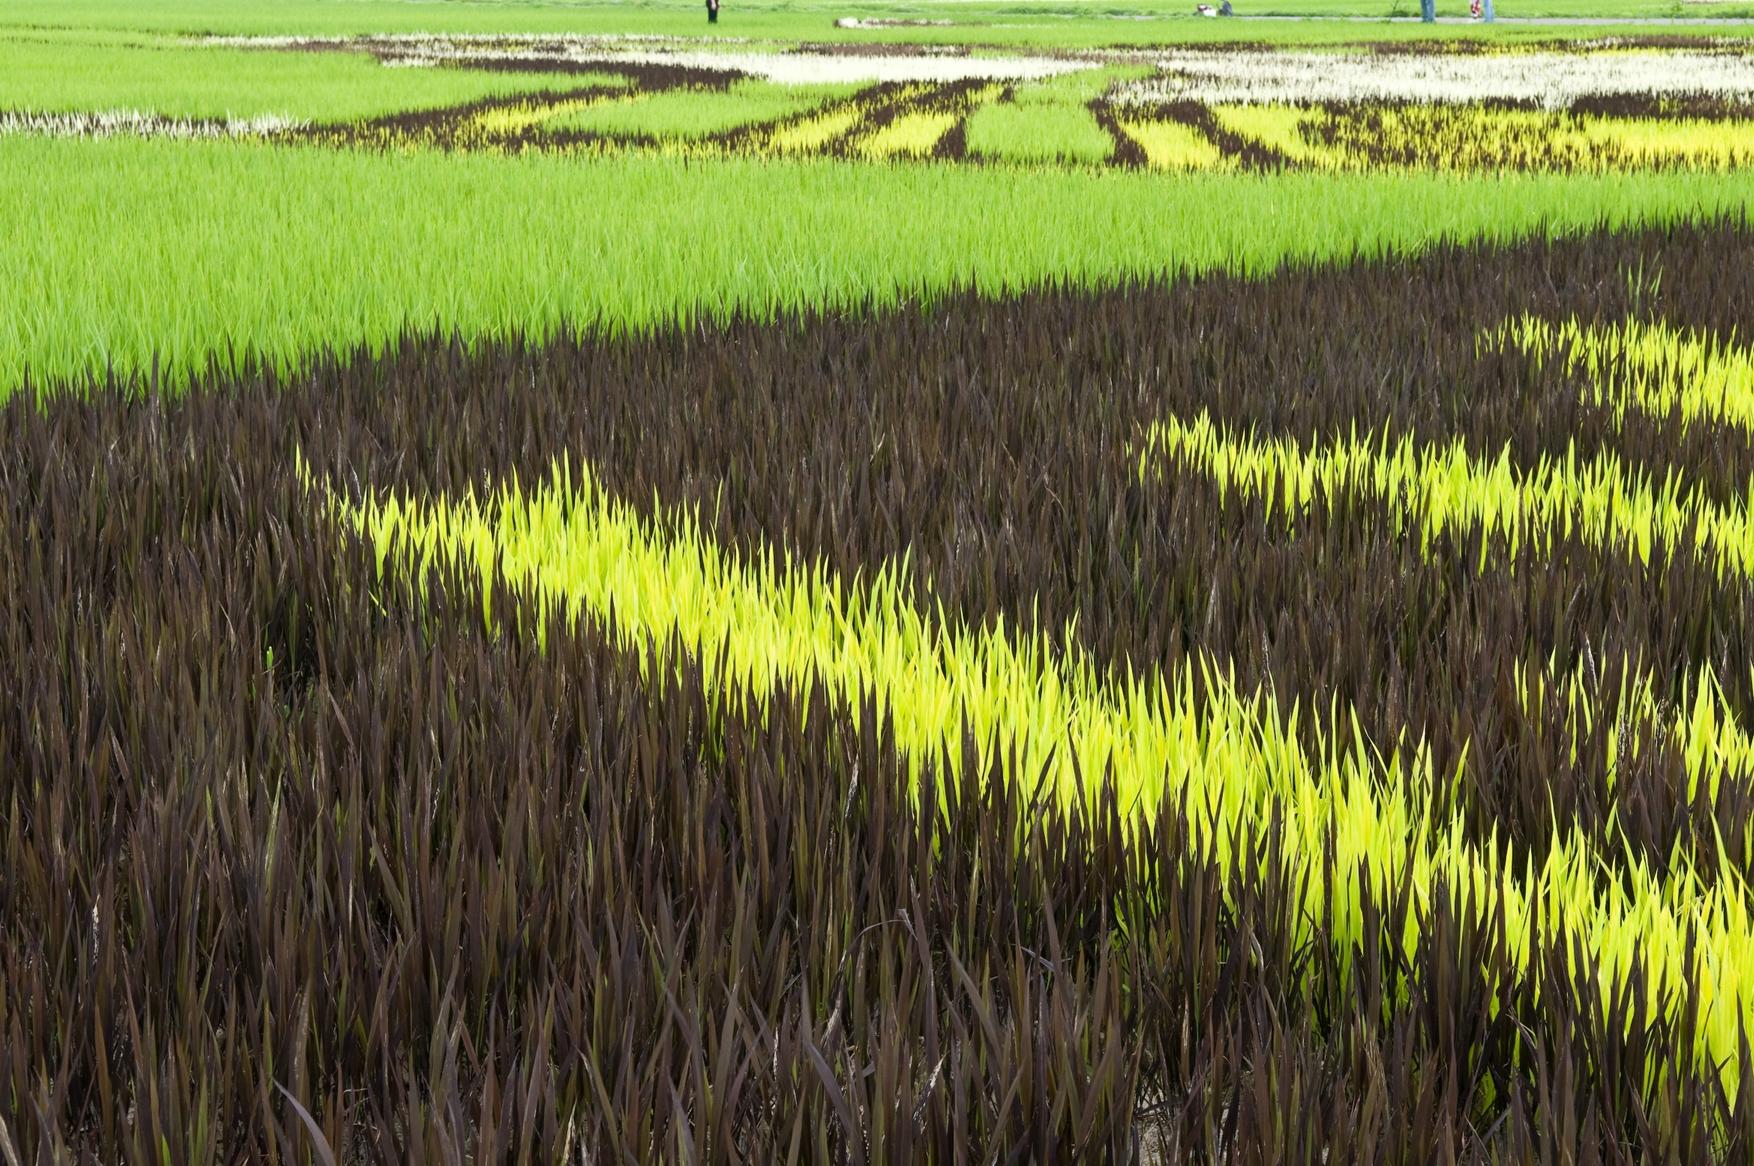 ბრინჯი, პლანტაცია, მხატვრობა, პატრიოტიზმი, ბრინჯის პლანტაციები, ბრინჯის მინდვრები, იაპონია, ლეგენდა, სოფელი, Qwelly, japan, iaponia, brinji, mindori, mxatvroba